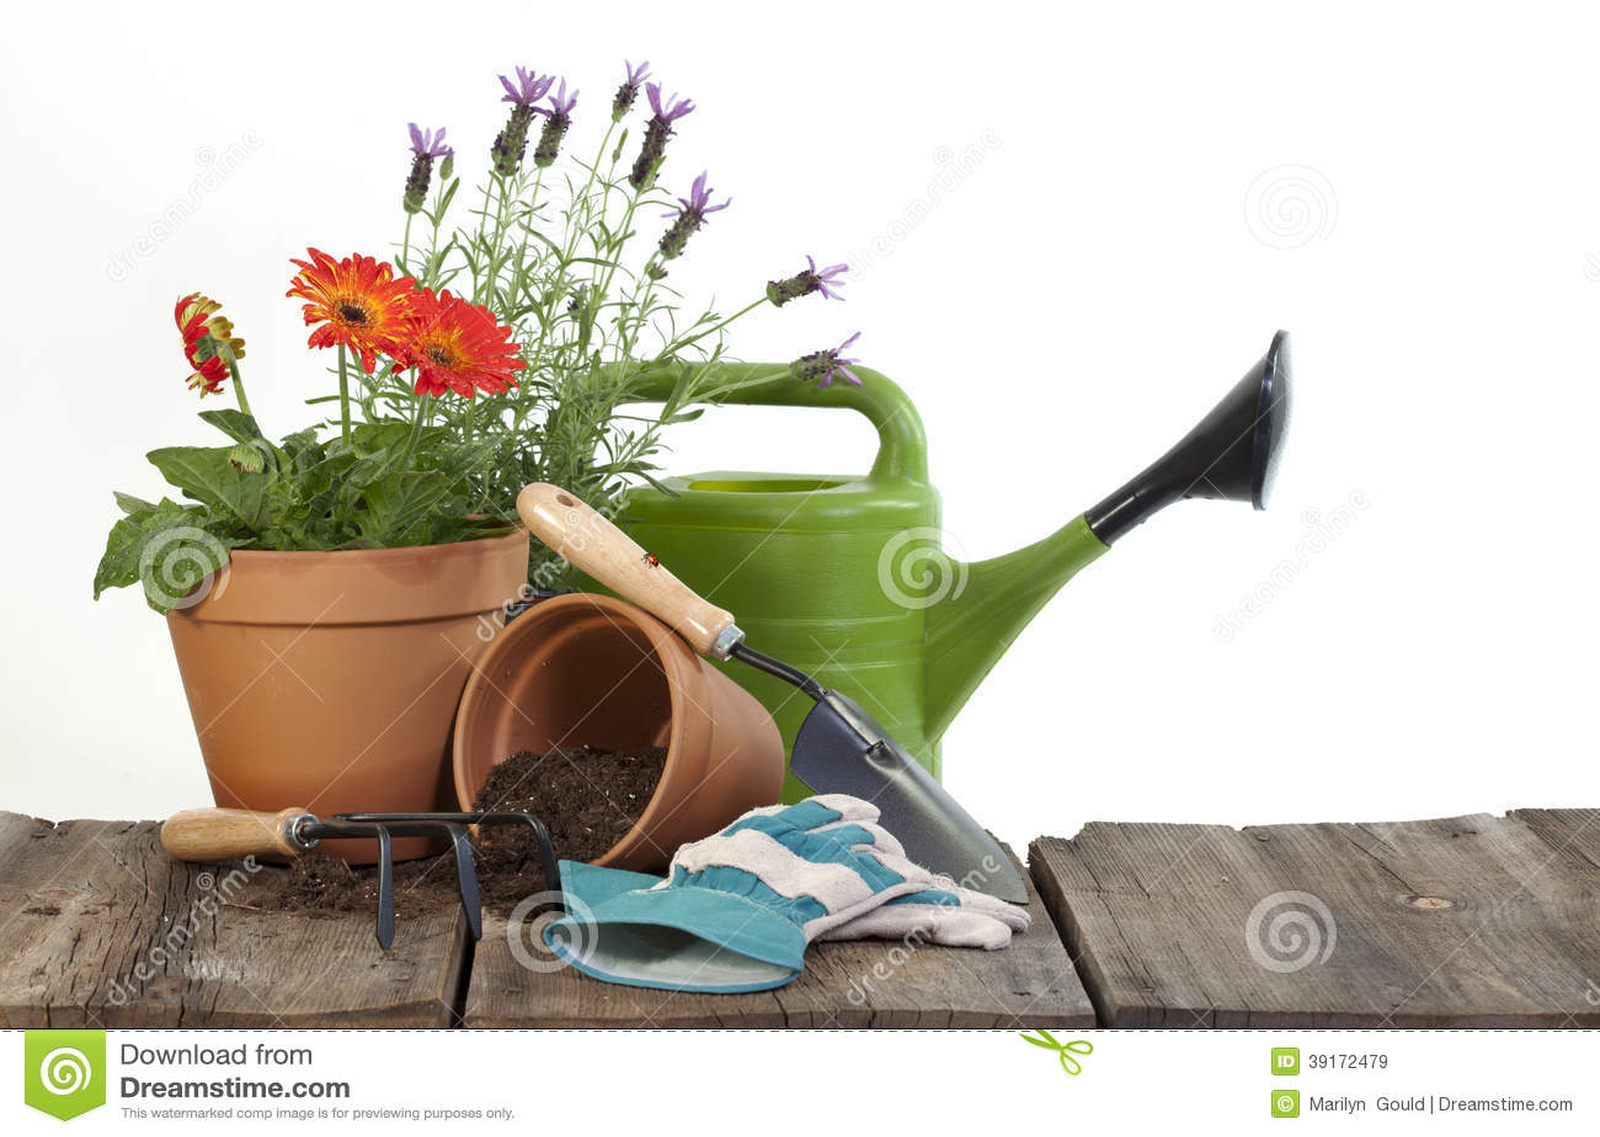 园艺工具和花